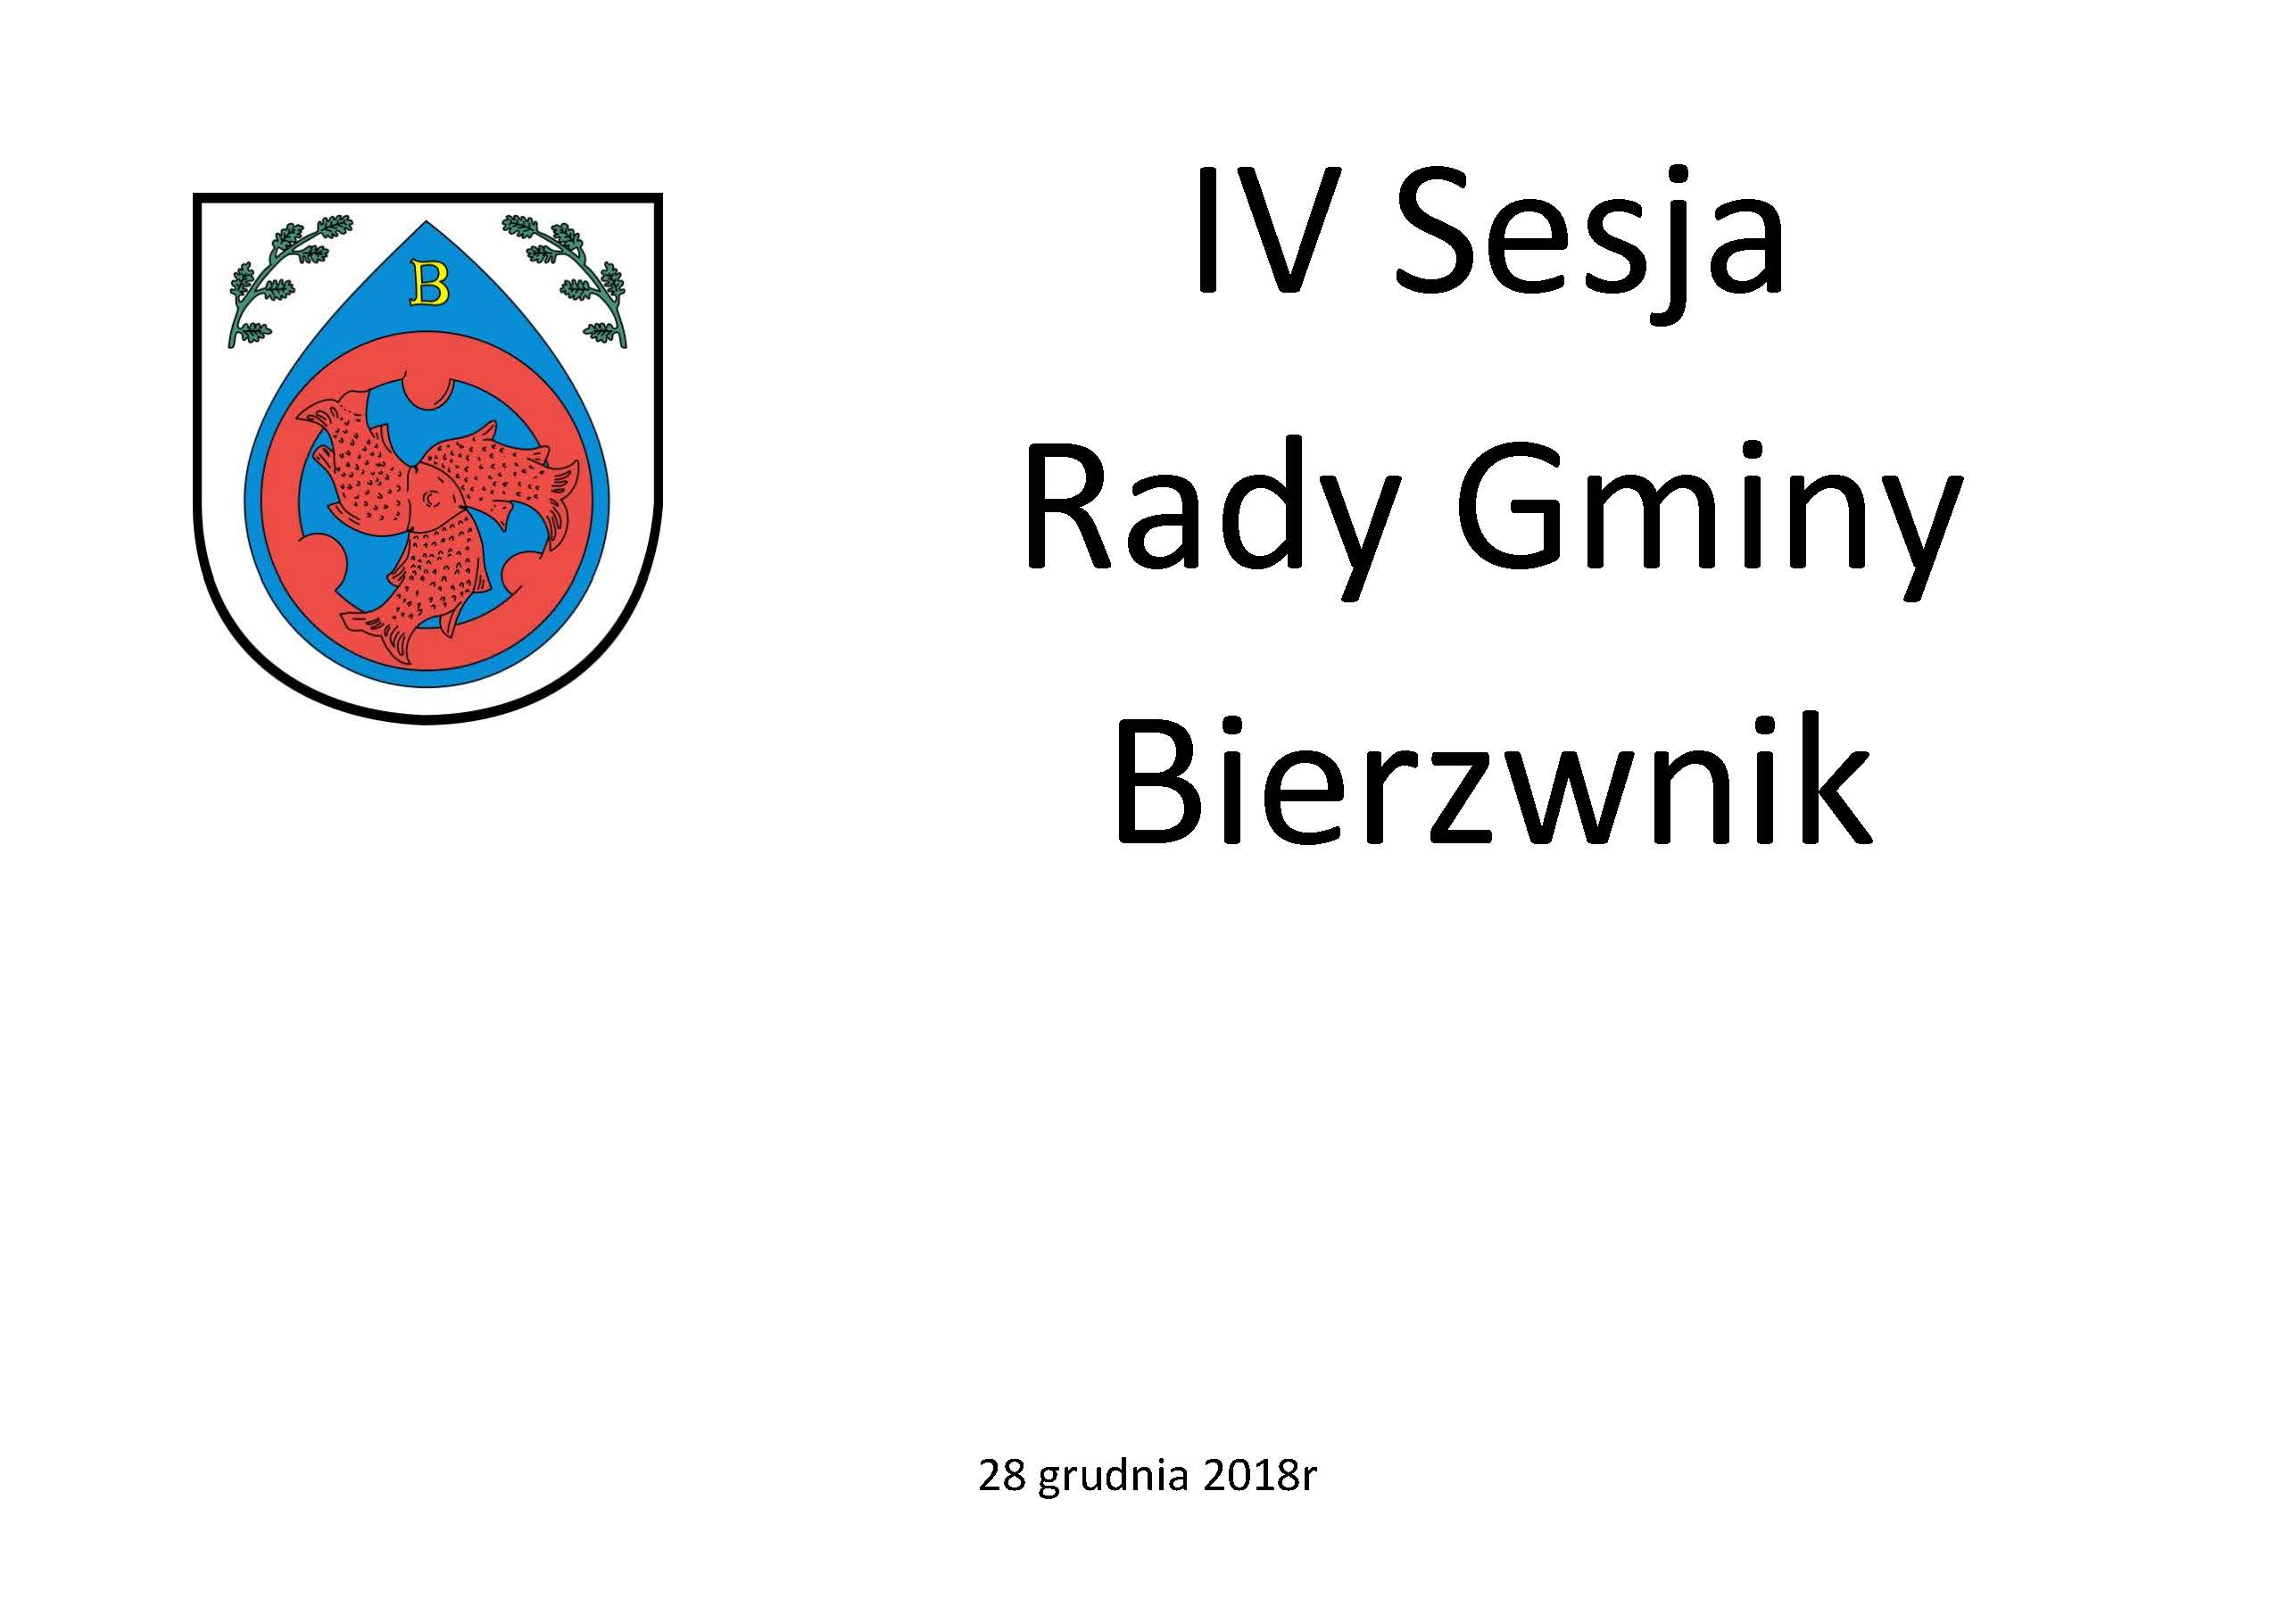 bierzwnik/IVsesja_graficzny.jpg